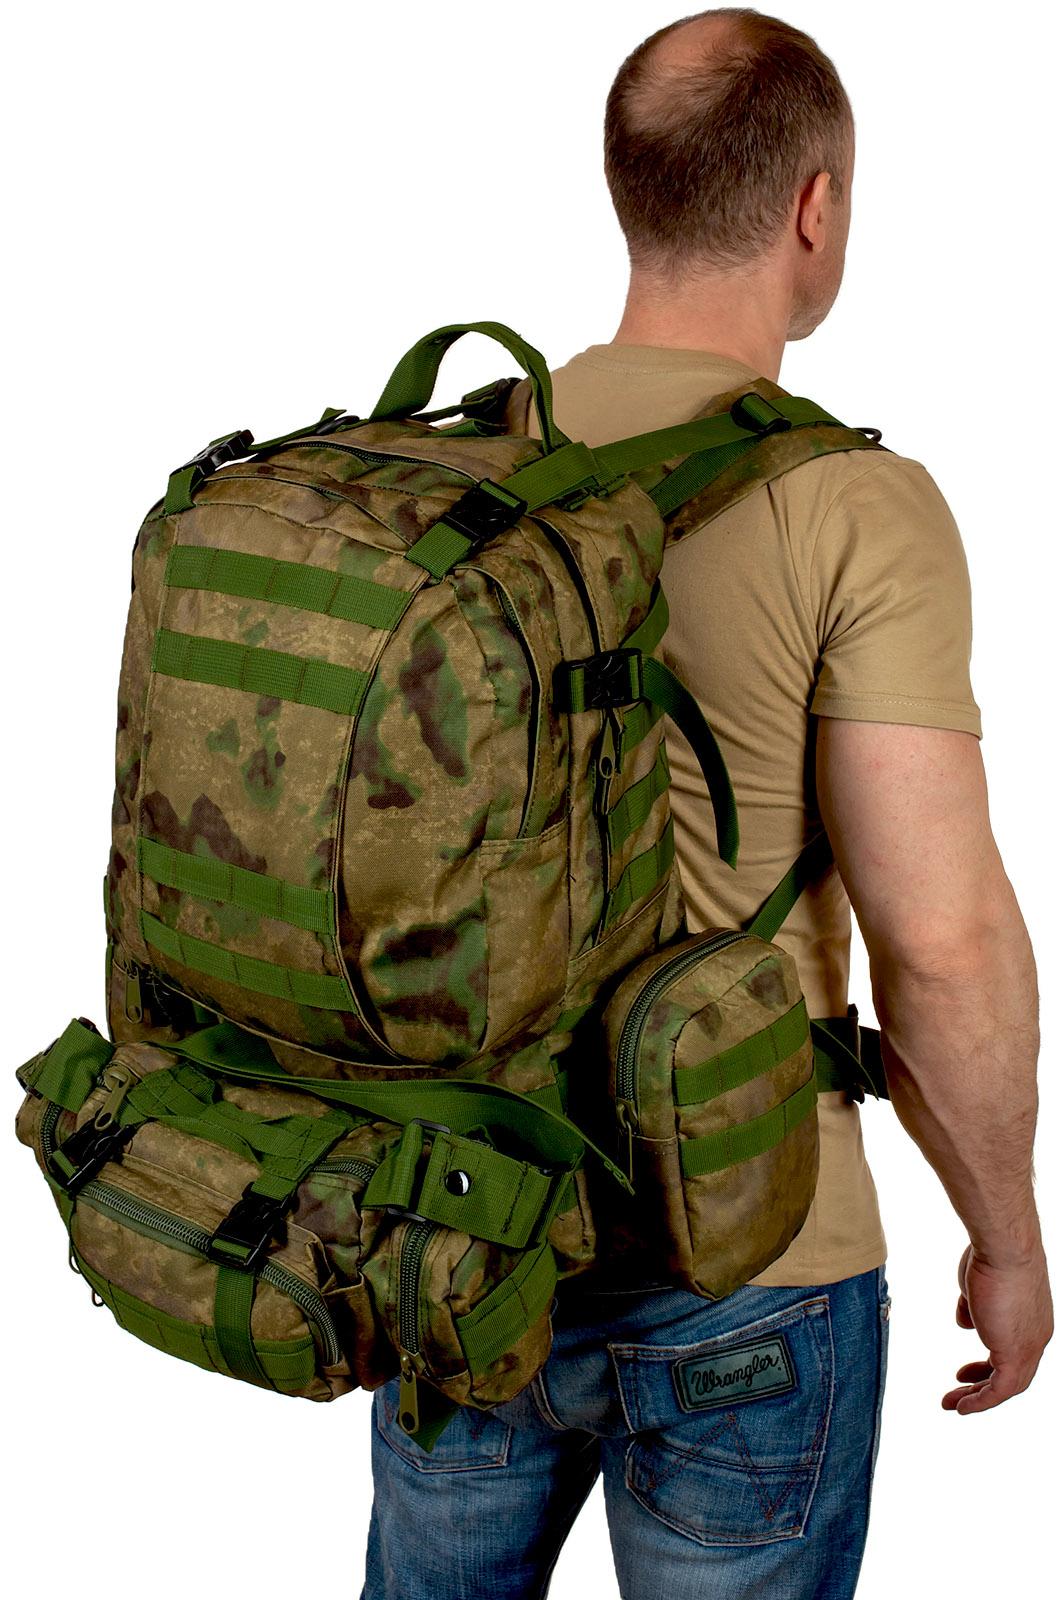 Большой тактический военный рюкзак для полевых условий отменного качества